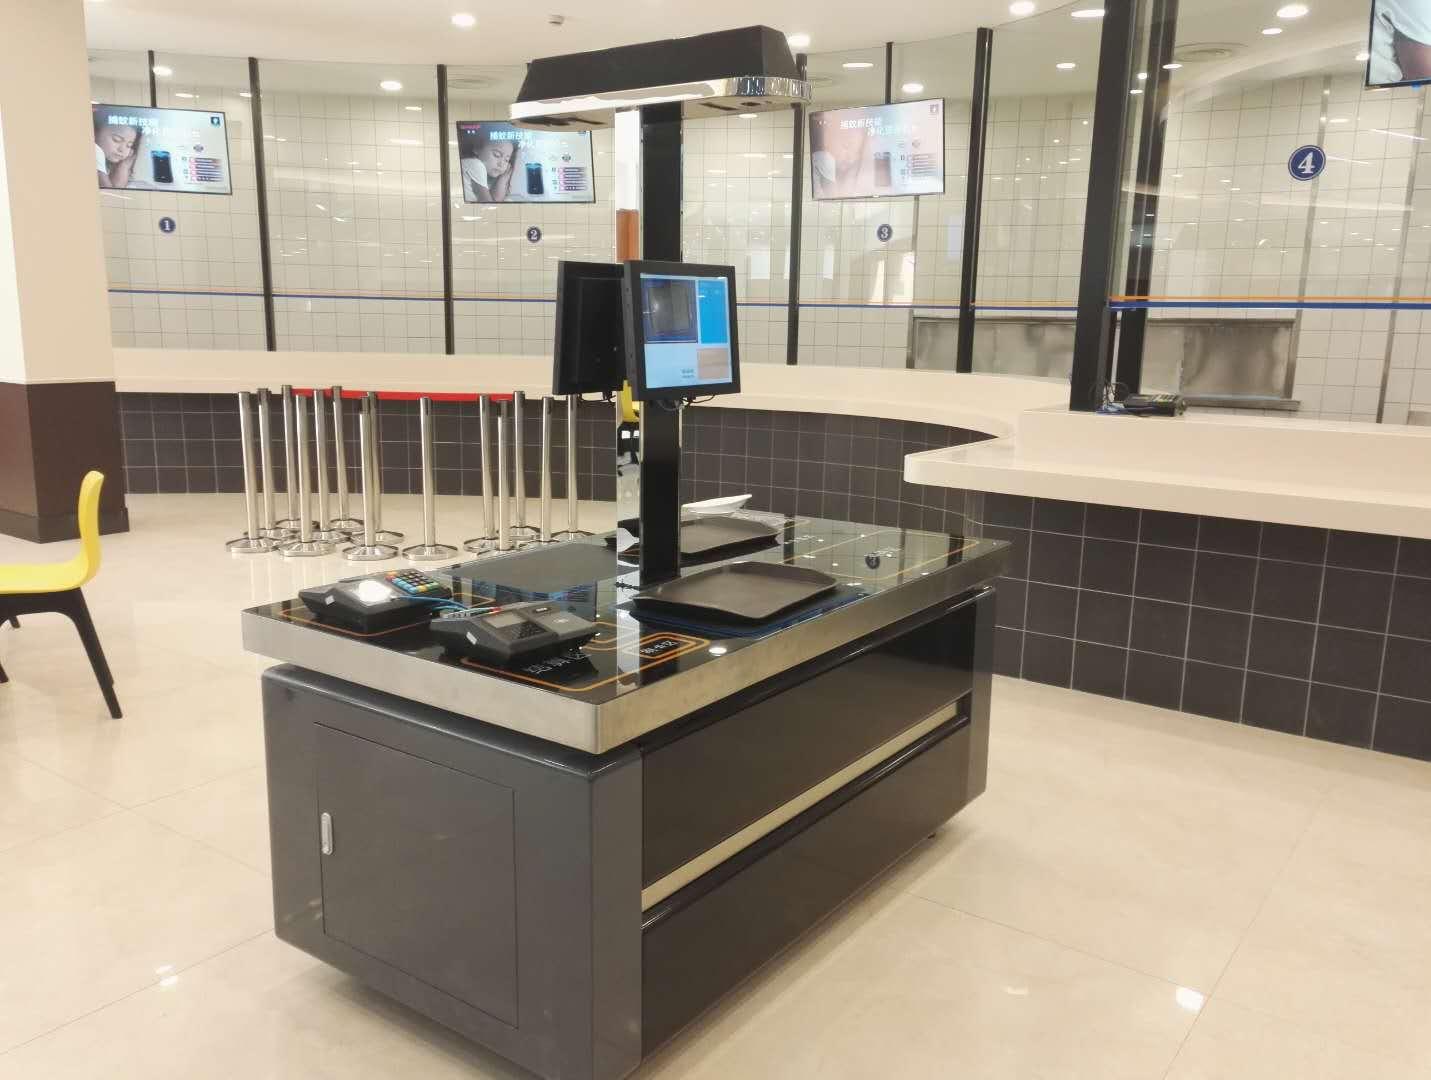 戈子科技2020智慧食堂无需加芯片视觉结算台